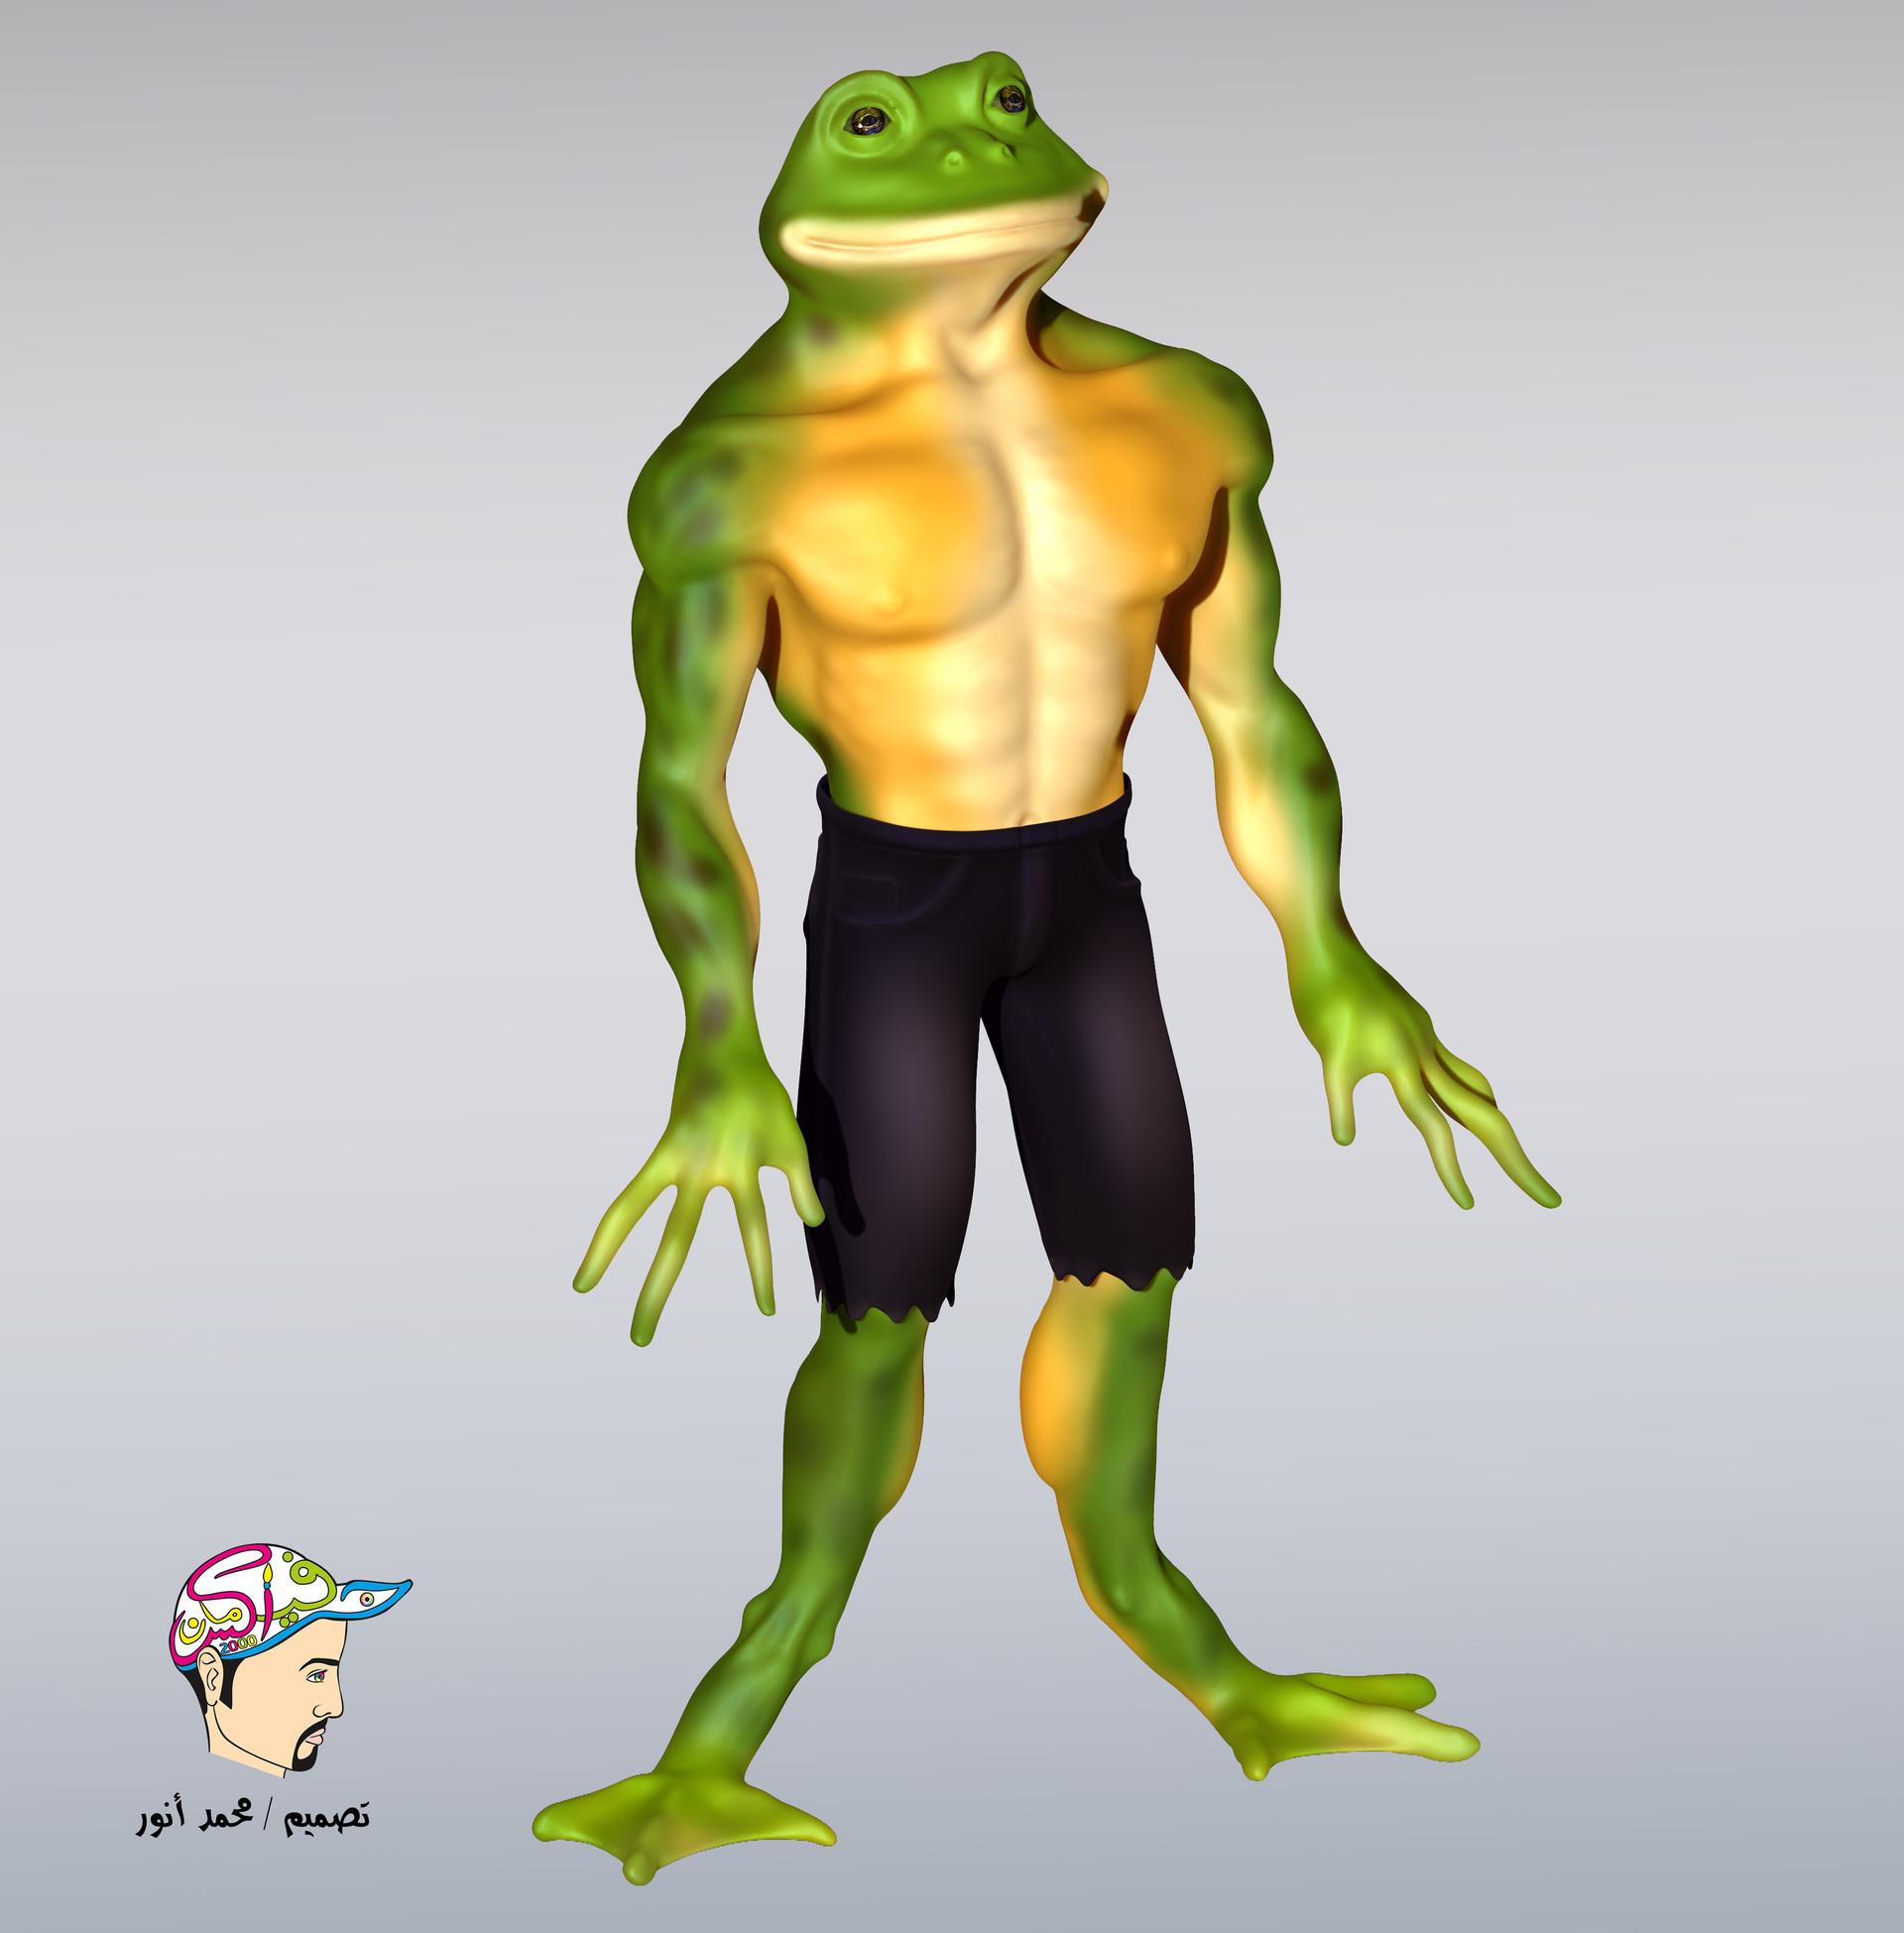 Mohamed Anwar Ninja Frog